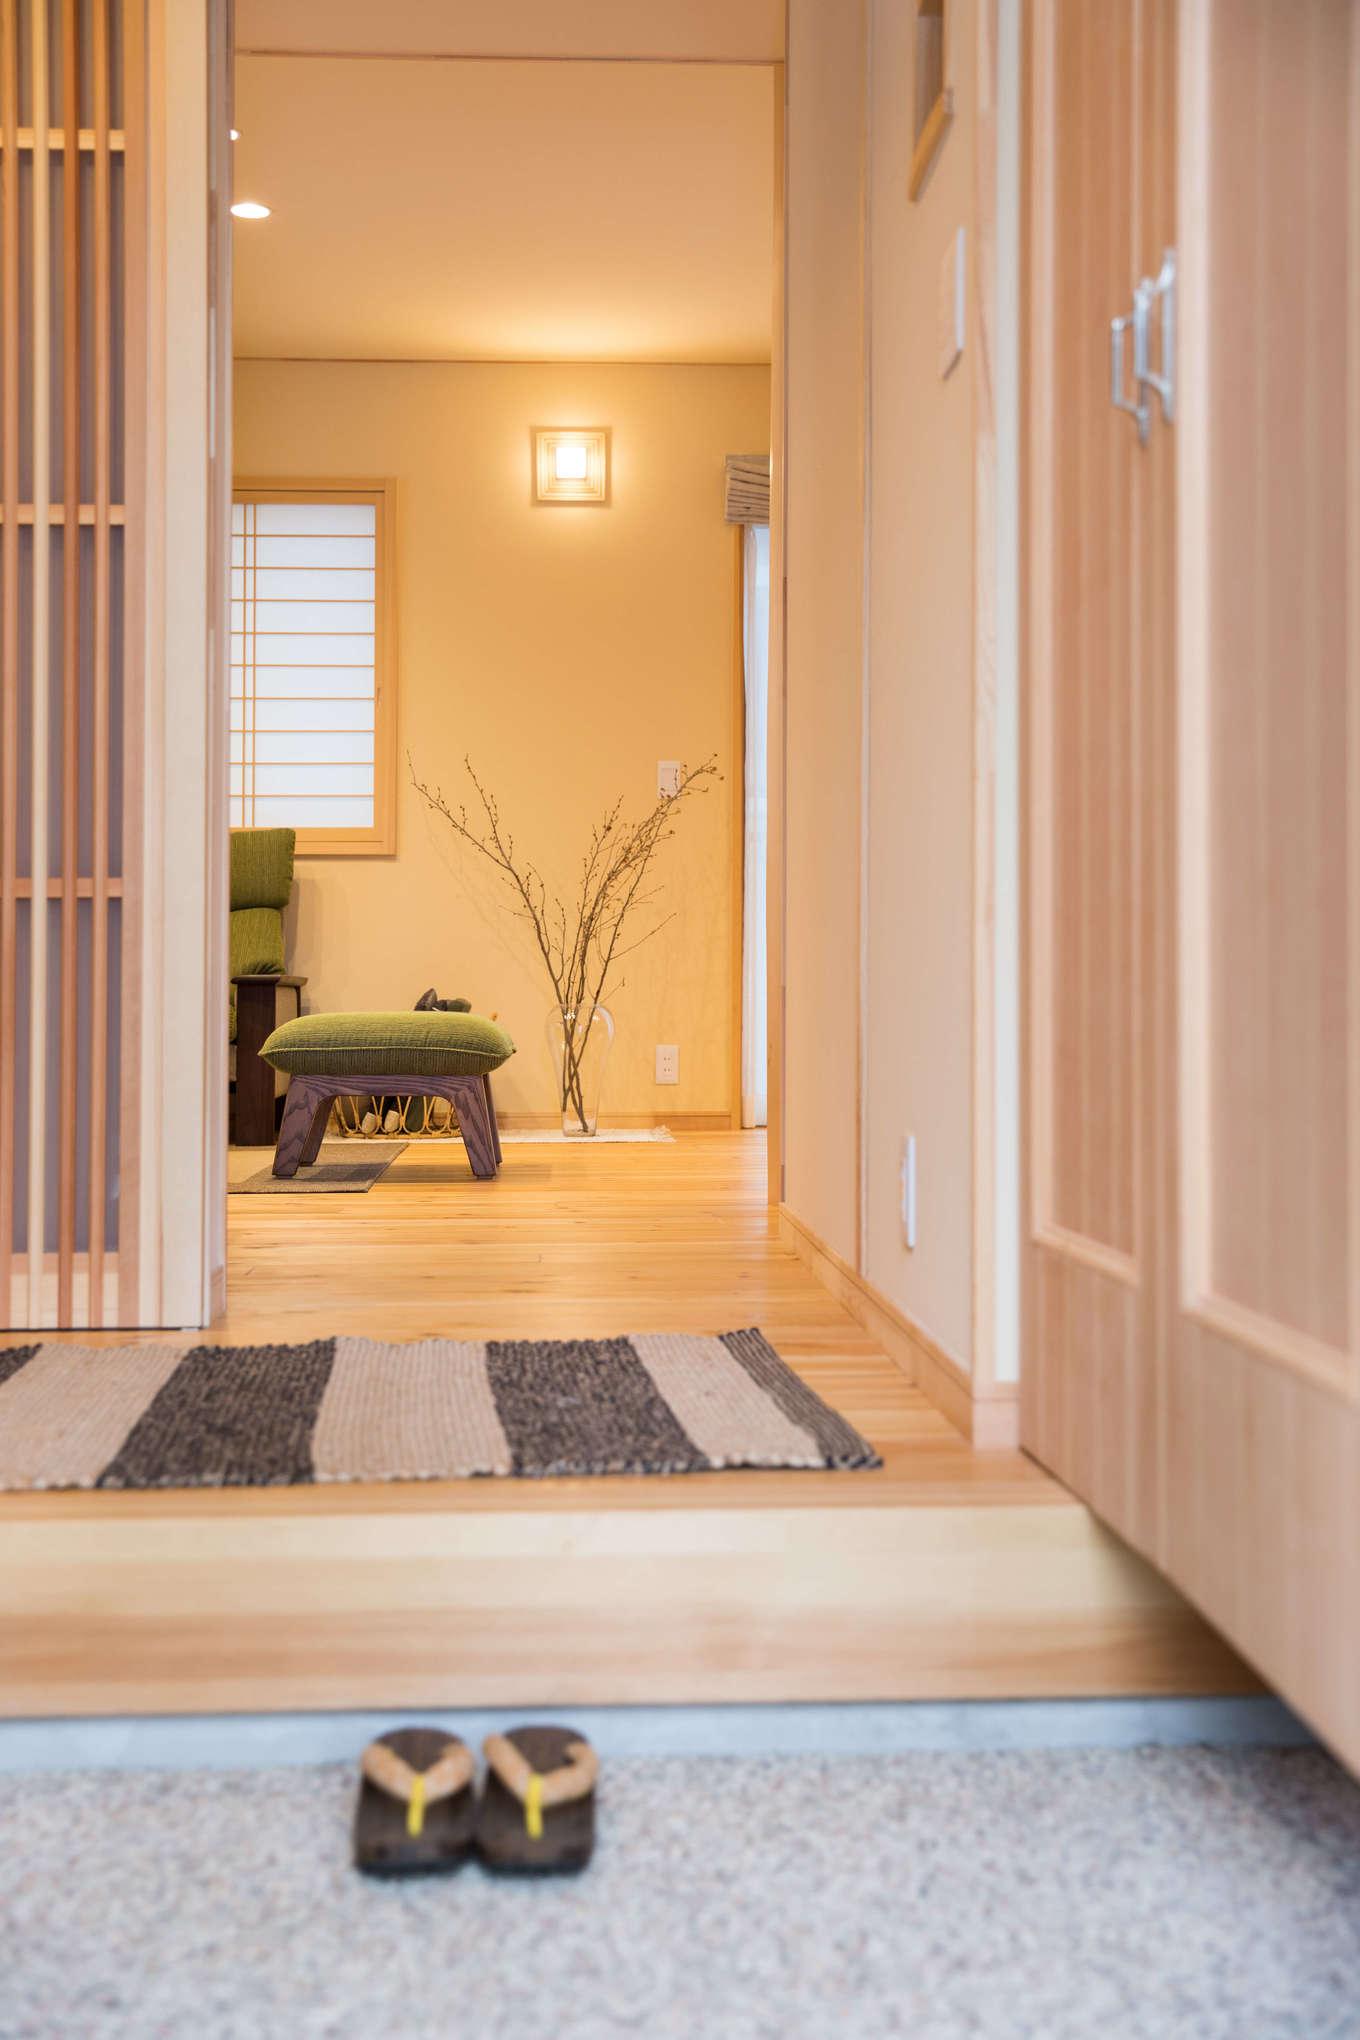 瀧口建設【1000万円台、デザイン住宅、子育て】玄関の戸を開けると、洗い出しの土間が迎えてくれる。奥様が選んだお香とヒノキの匂いが混ざり合い、心がホッと落ち着いていくのがわかる。床、壁、建具類はすべて、無垢材を使った人気の住宅ブランド「夢ハウス」仕様。木の優しい色合いが美しい